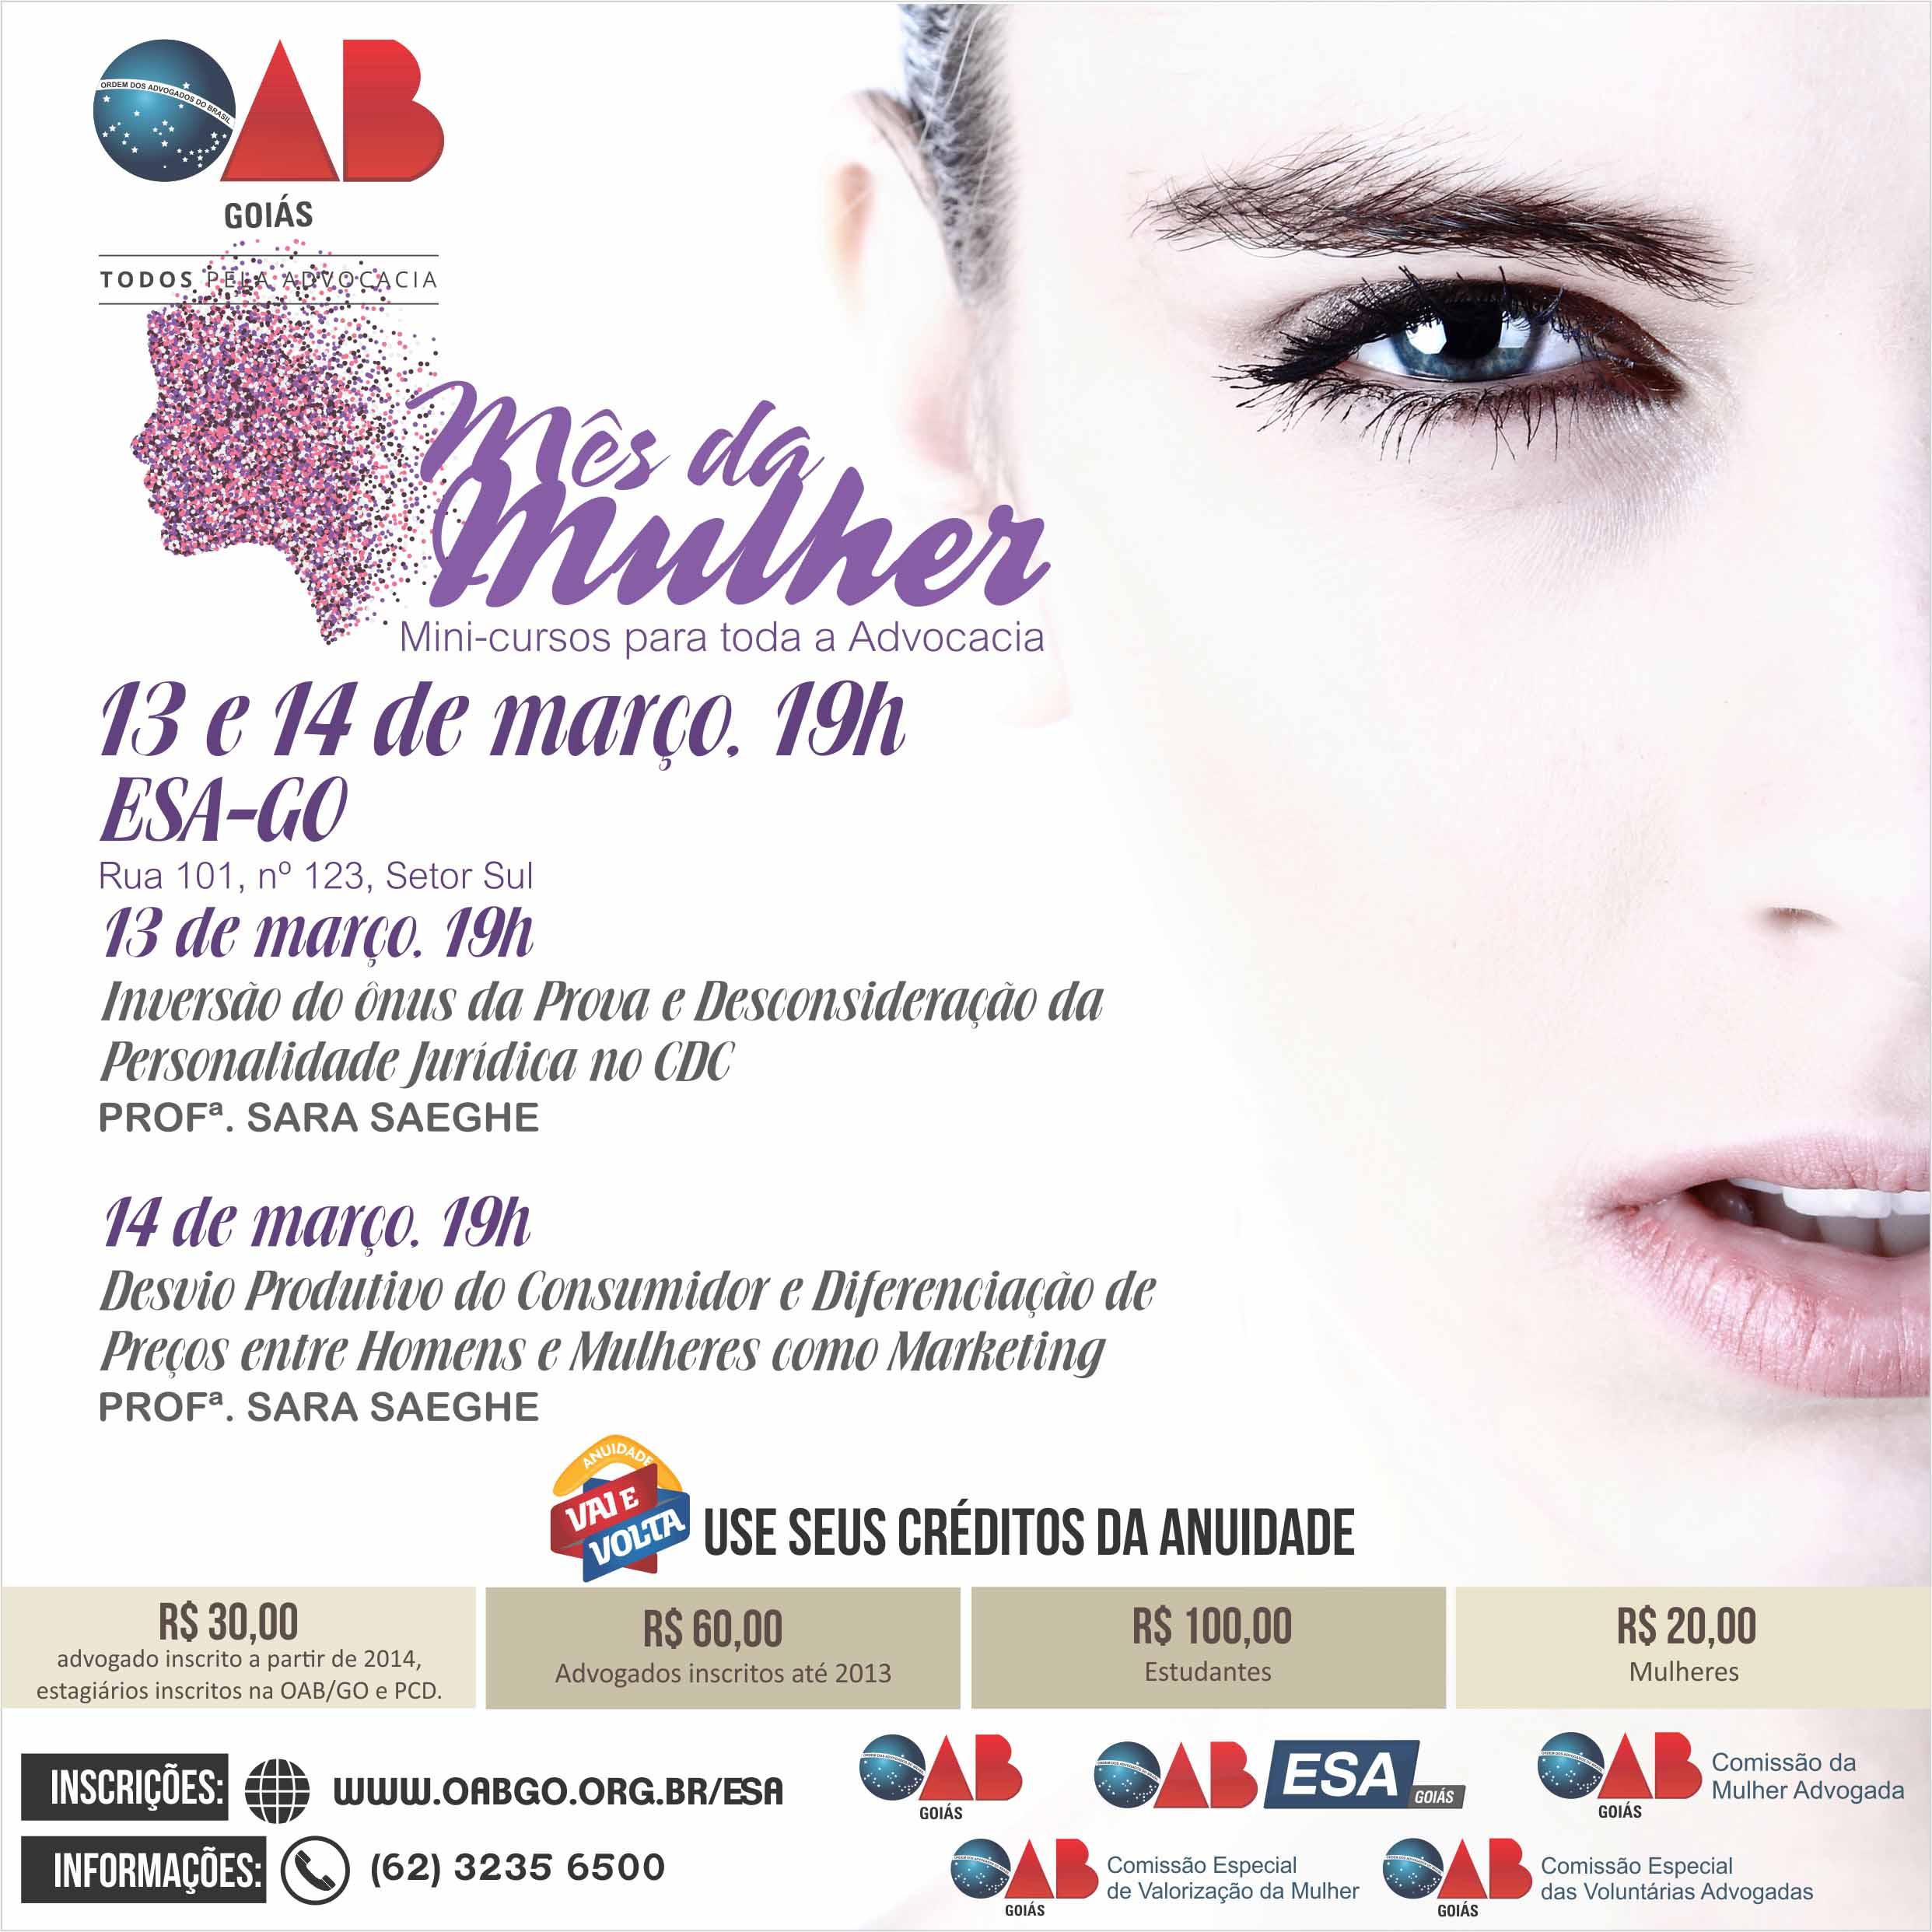 13 e 14.03 - Mês da Mulher - Mini-Curso Direito do Consumidor